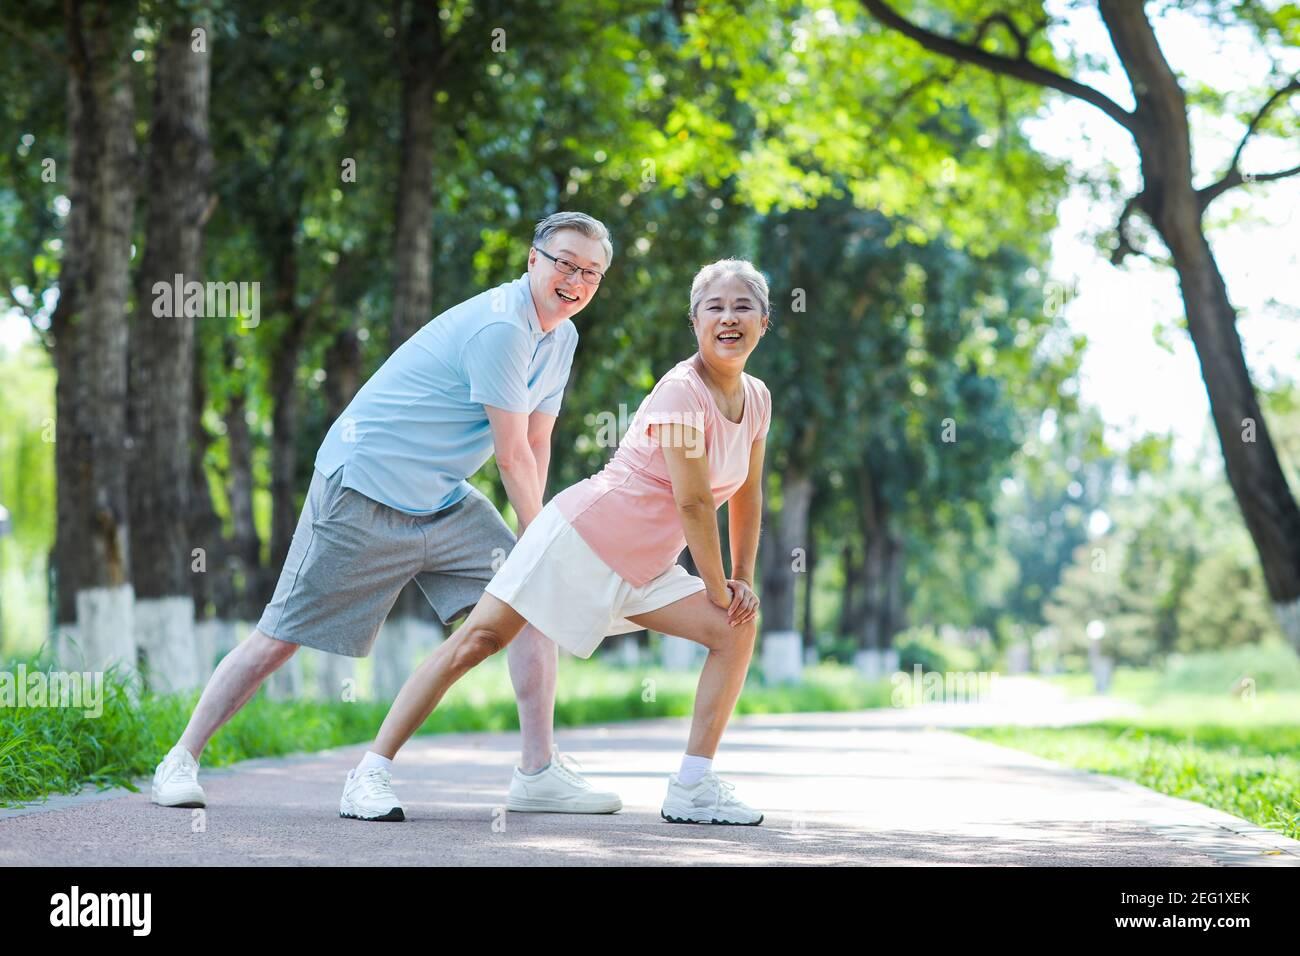 La vecchia coppia sportiva nel parco sorridente Foto Stock